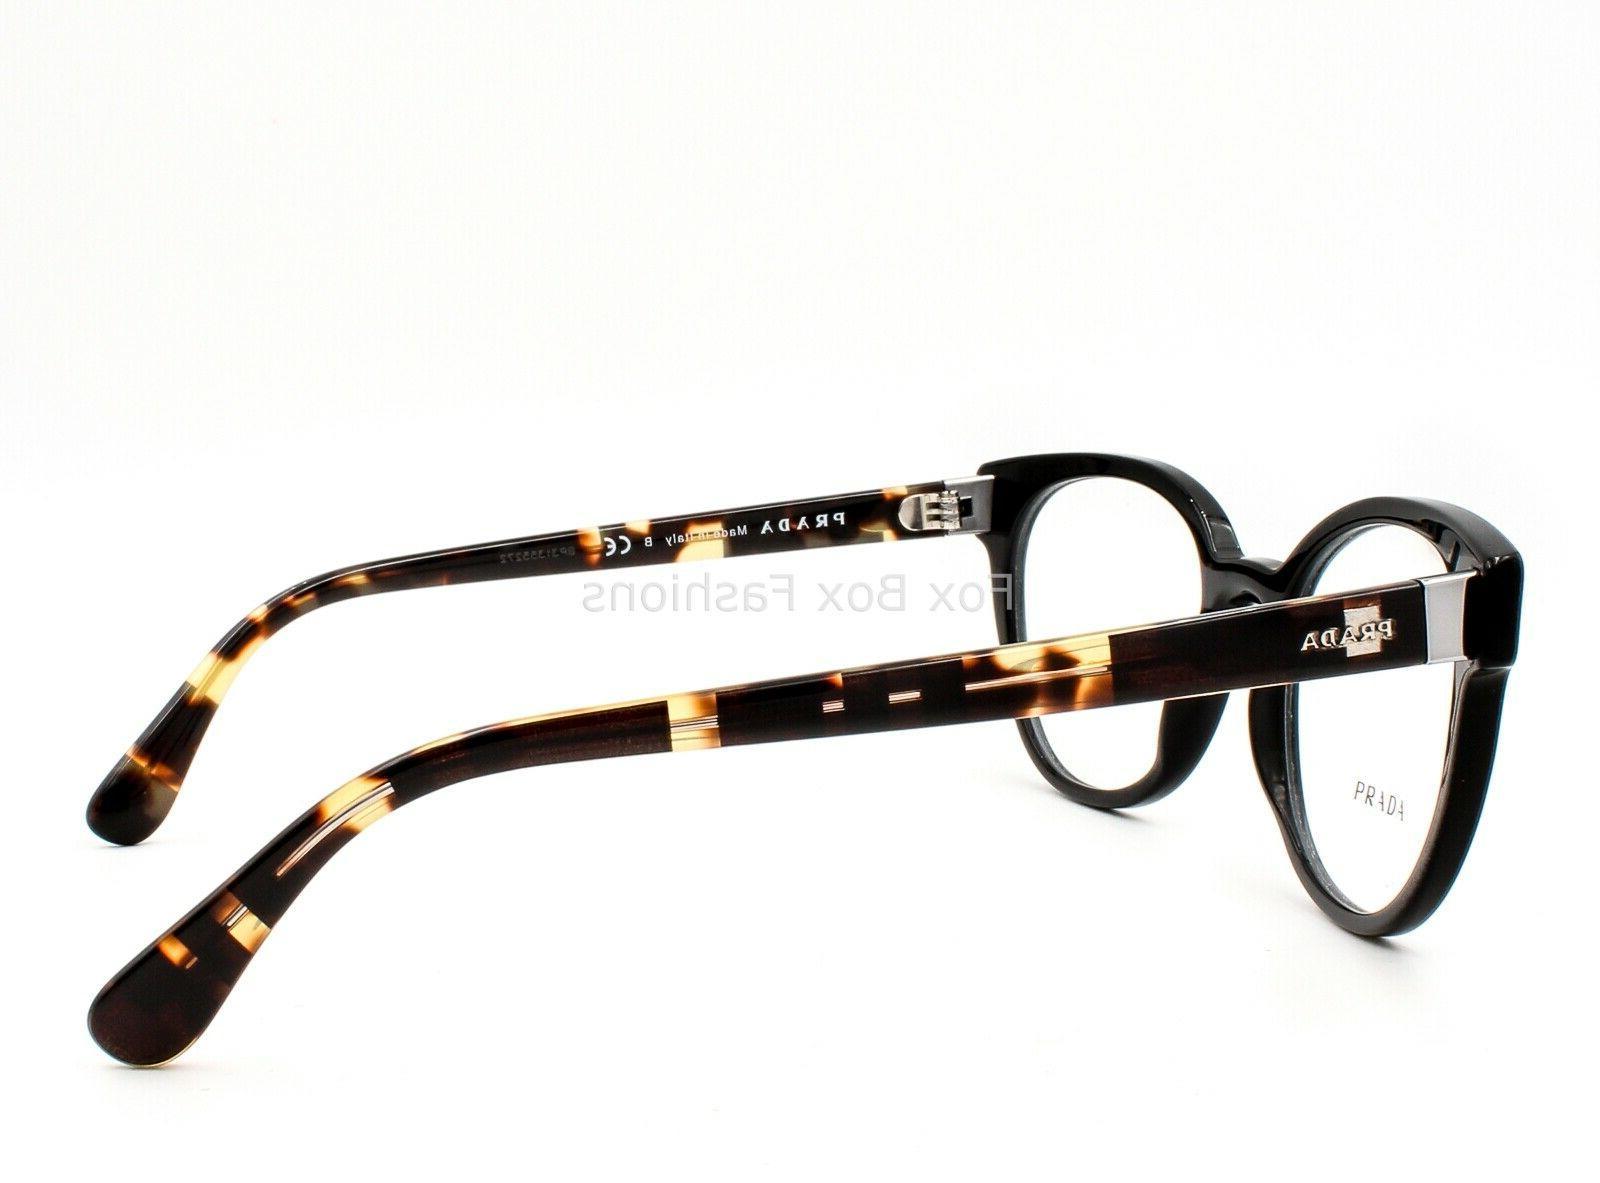 Prada VPR 06T Eyeglasses Frames Glasses Black